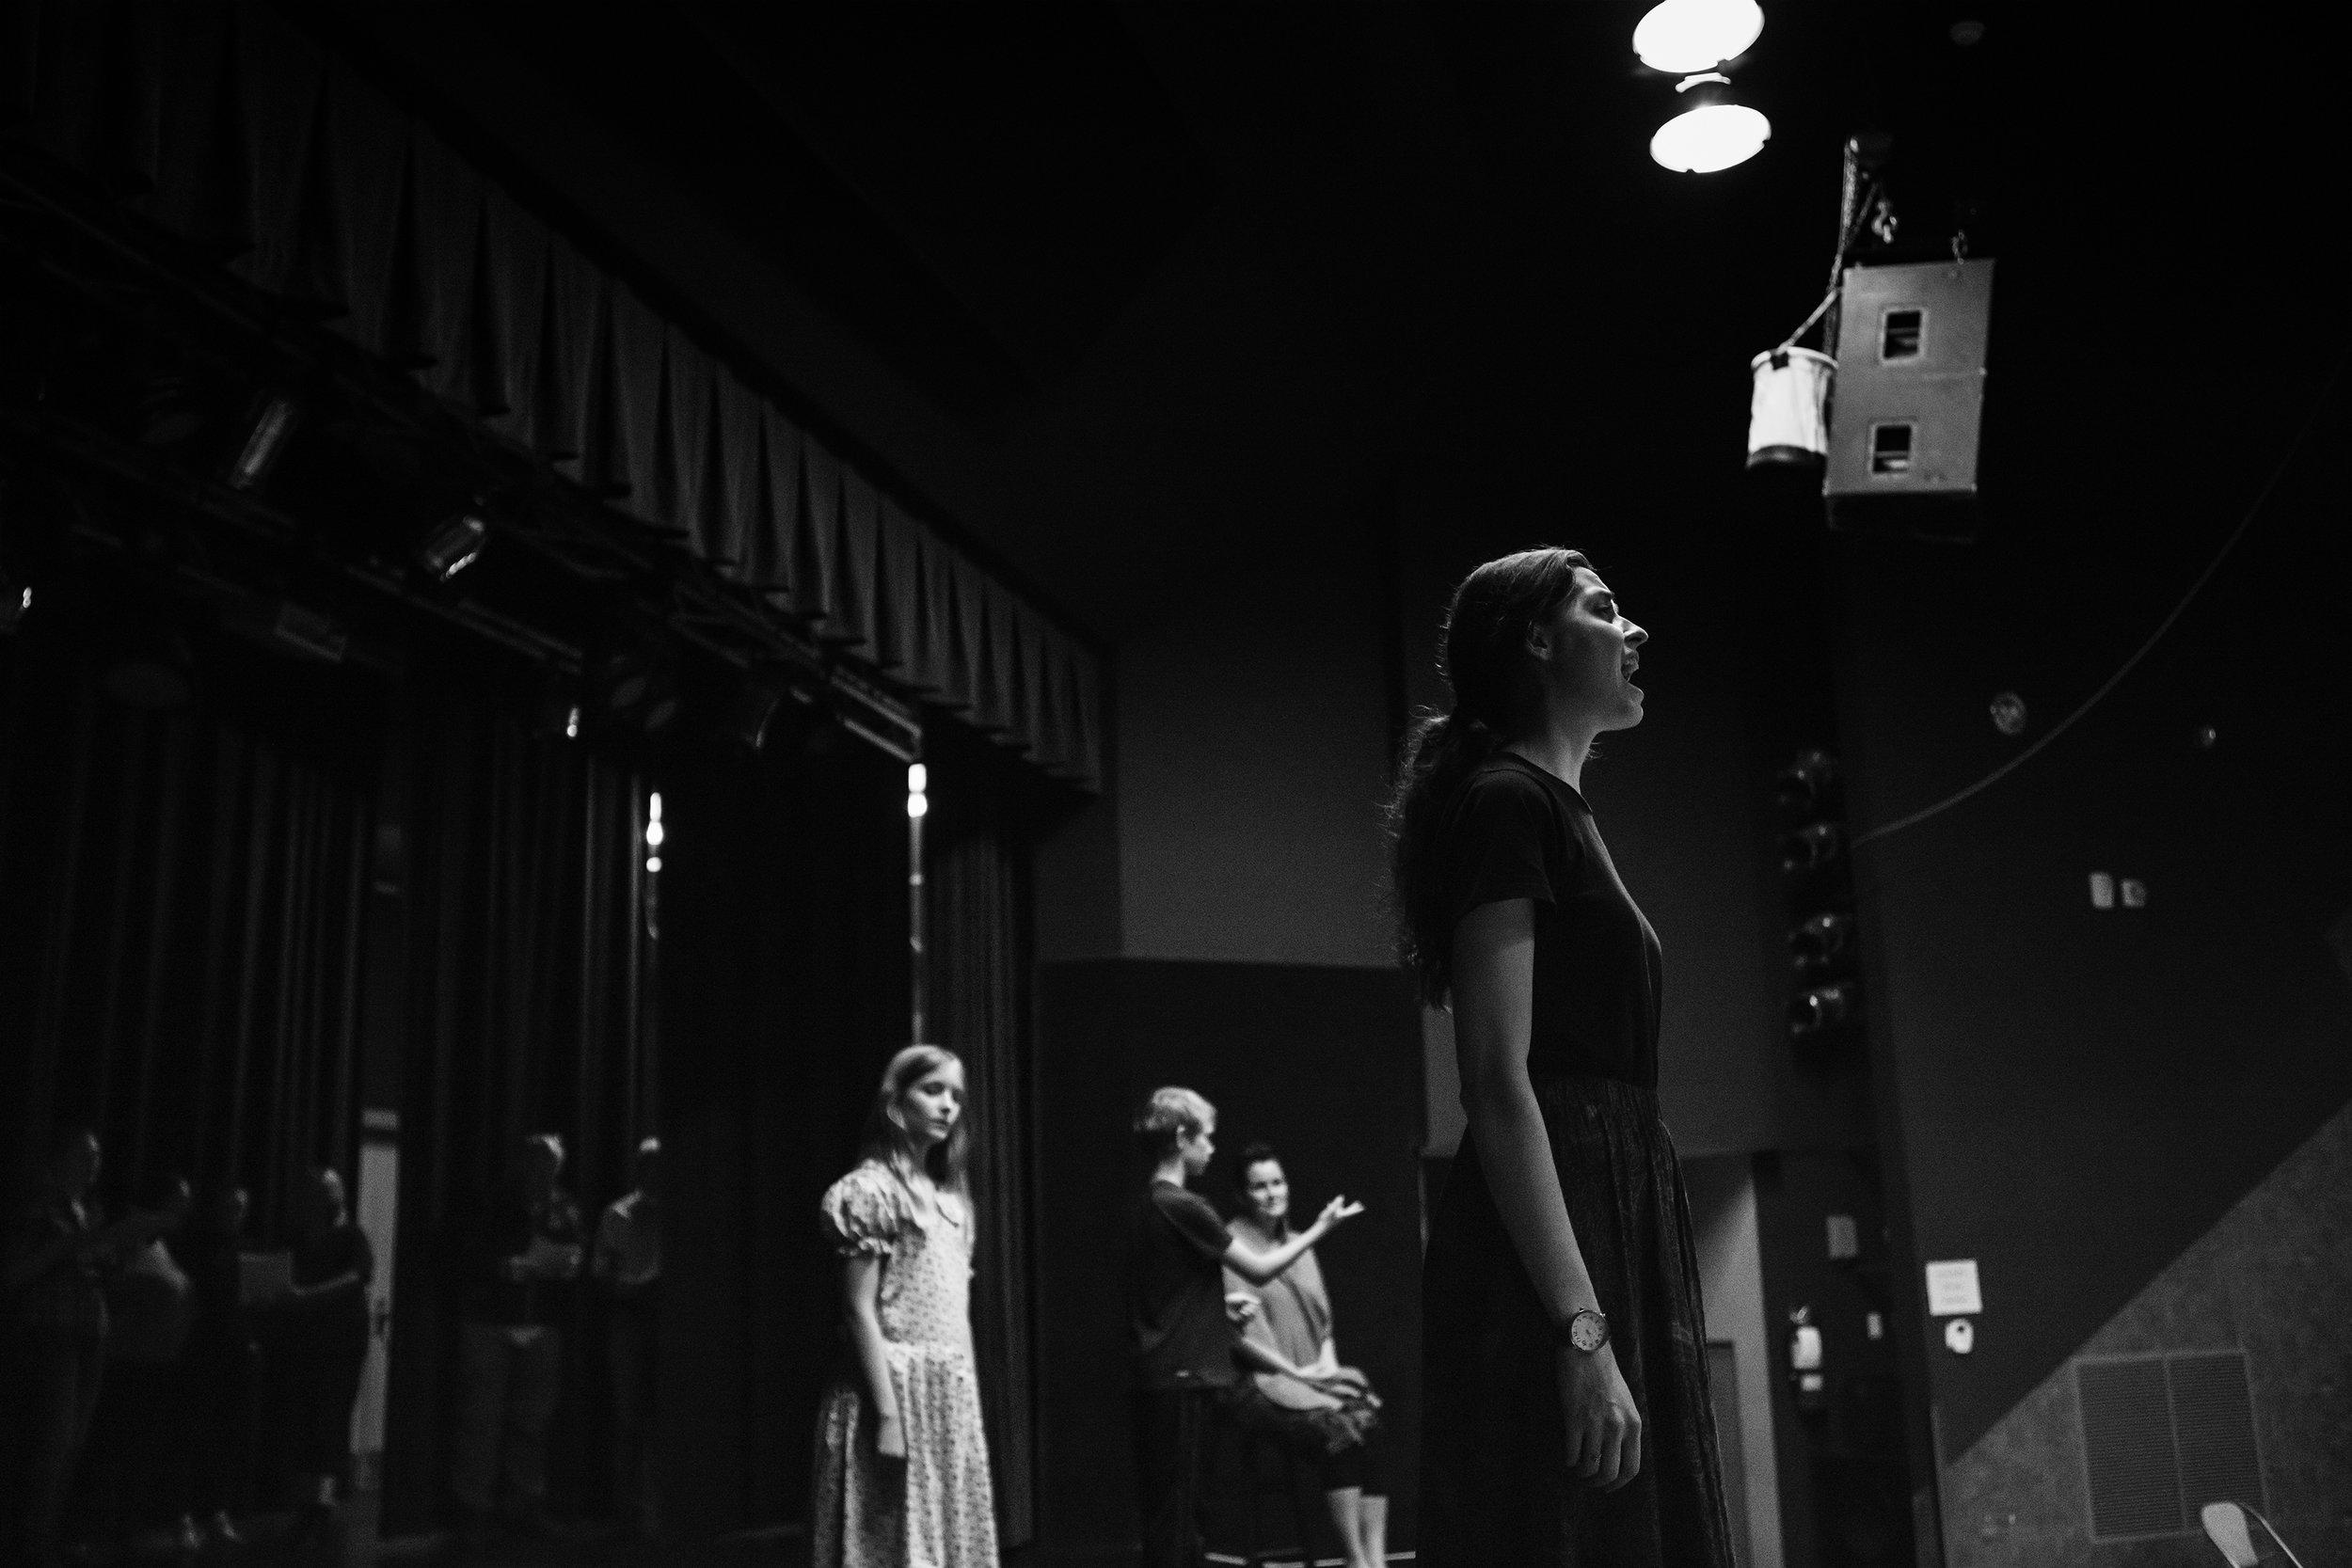 Mary Poppins - Streetlight Theatre Company - Rehearsal Shoot #2 - 23 Sep '18 - 101 (B&W).jpg